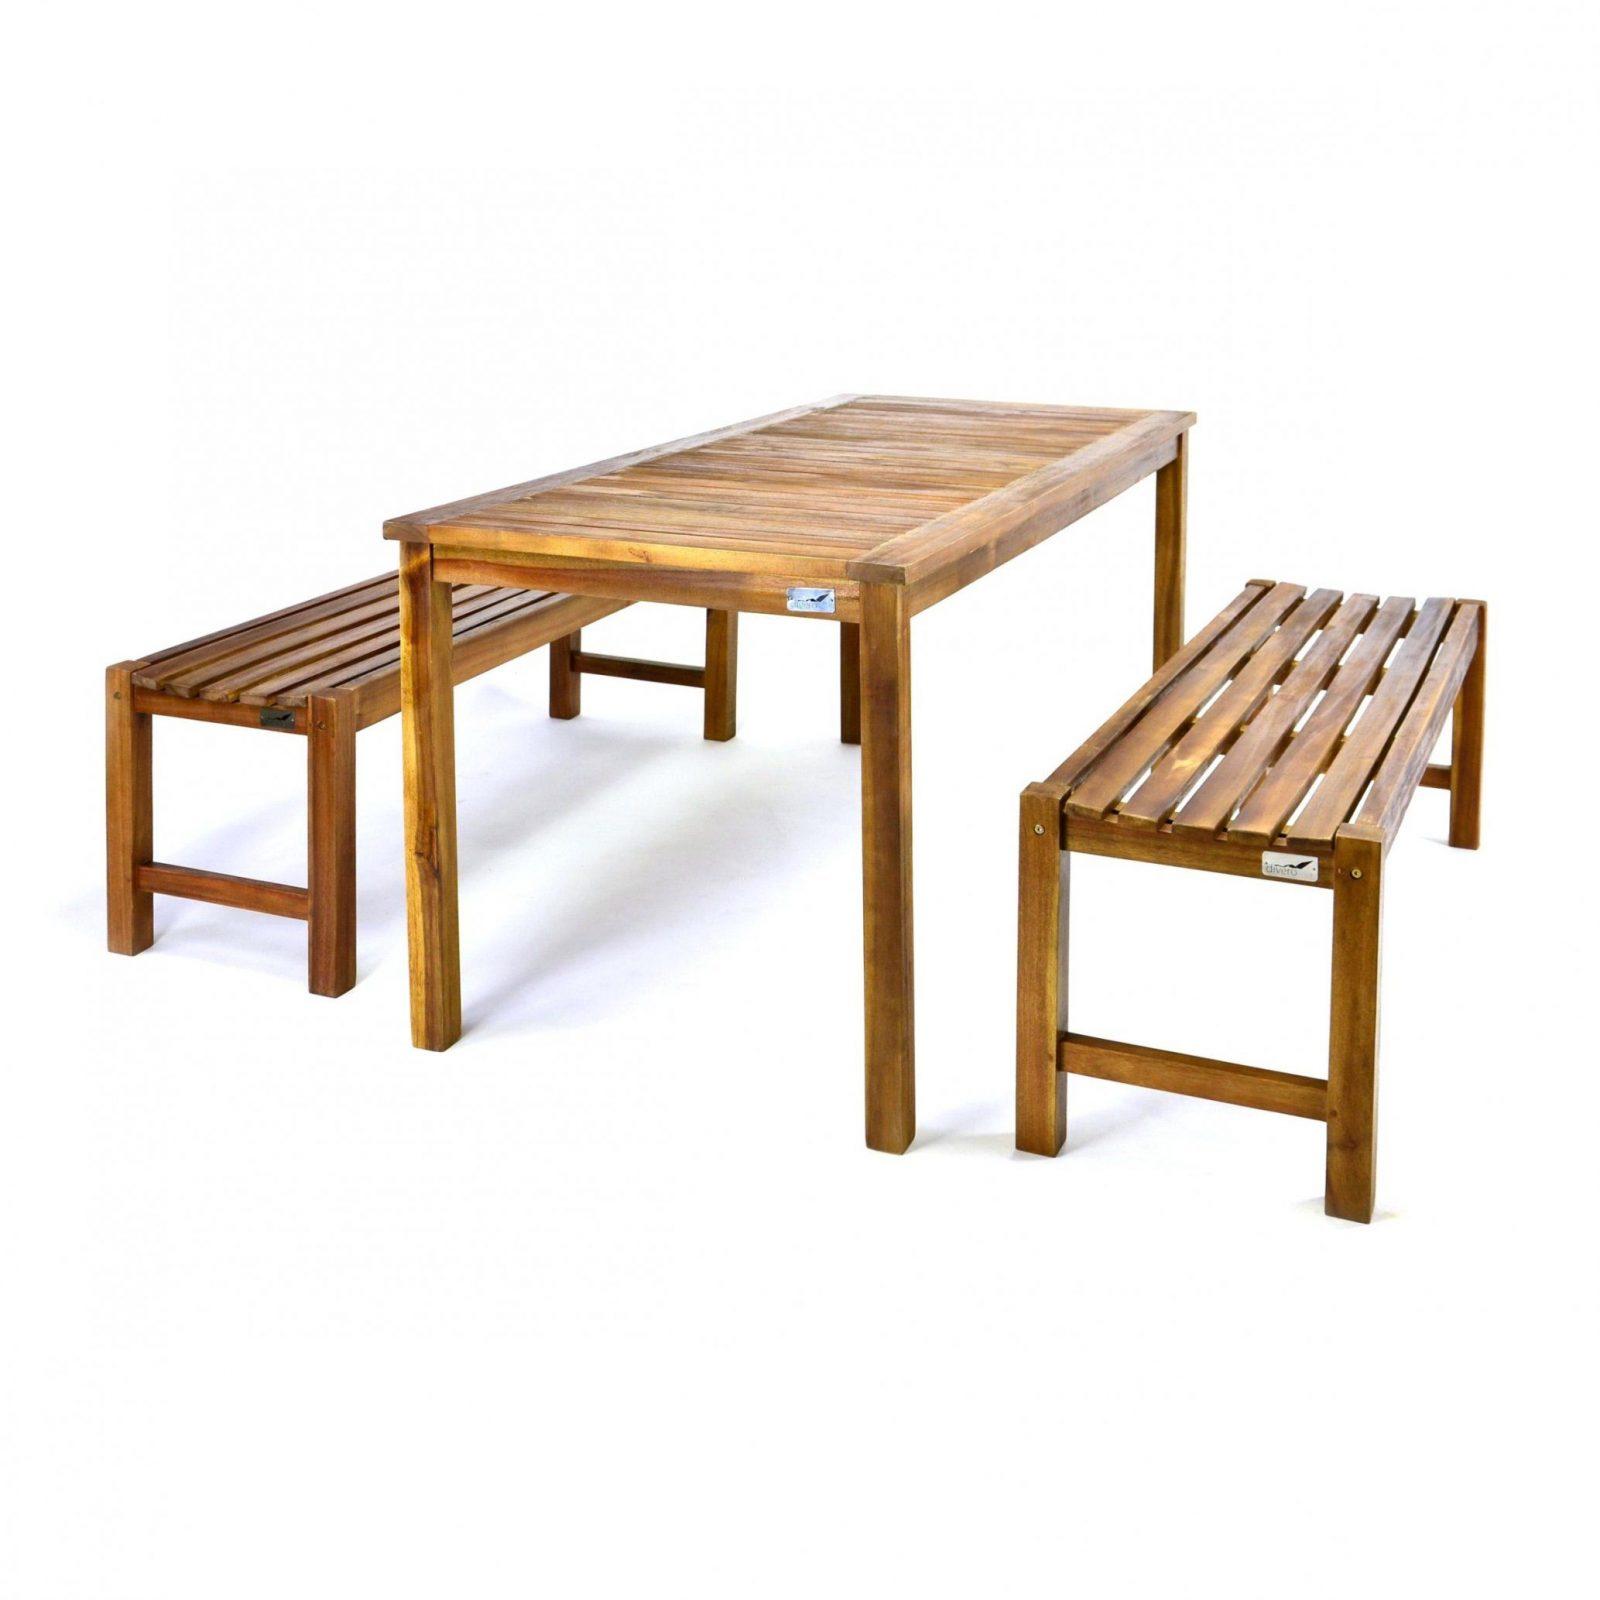 Inspirierend Tisch Und Bank Kombination Selber Bauen Fur Kleinkinder von Tisch Bank Kombination Selber Bauen Bild